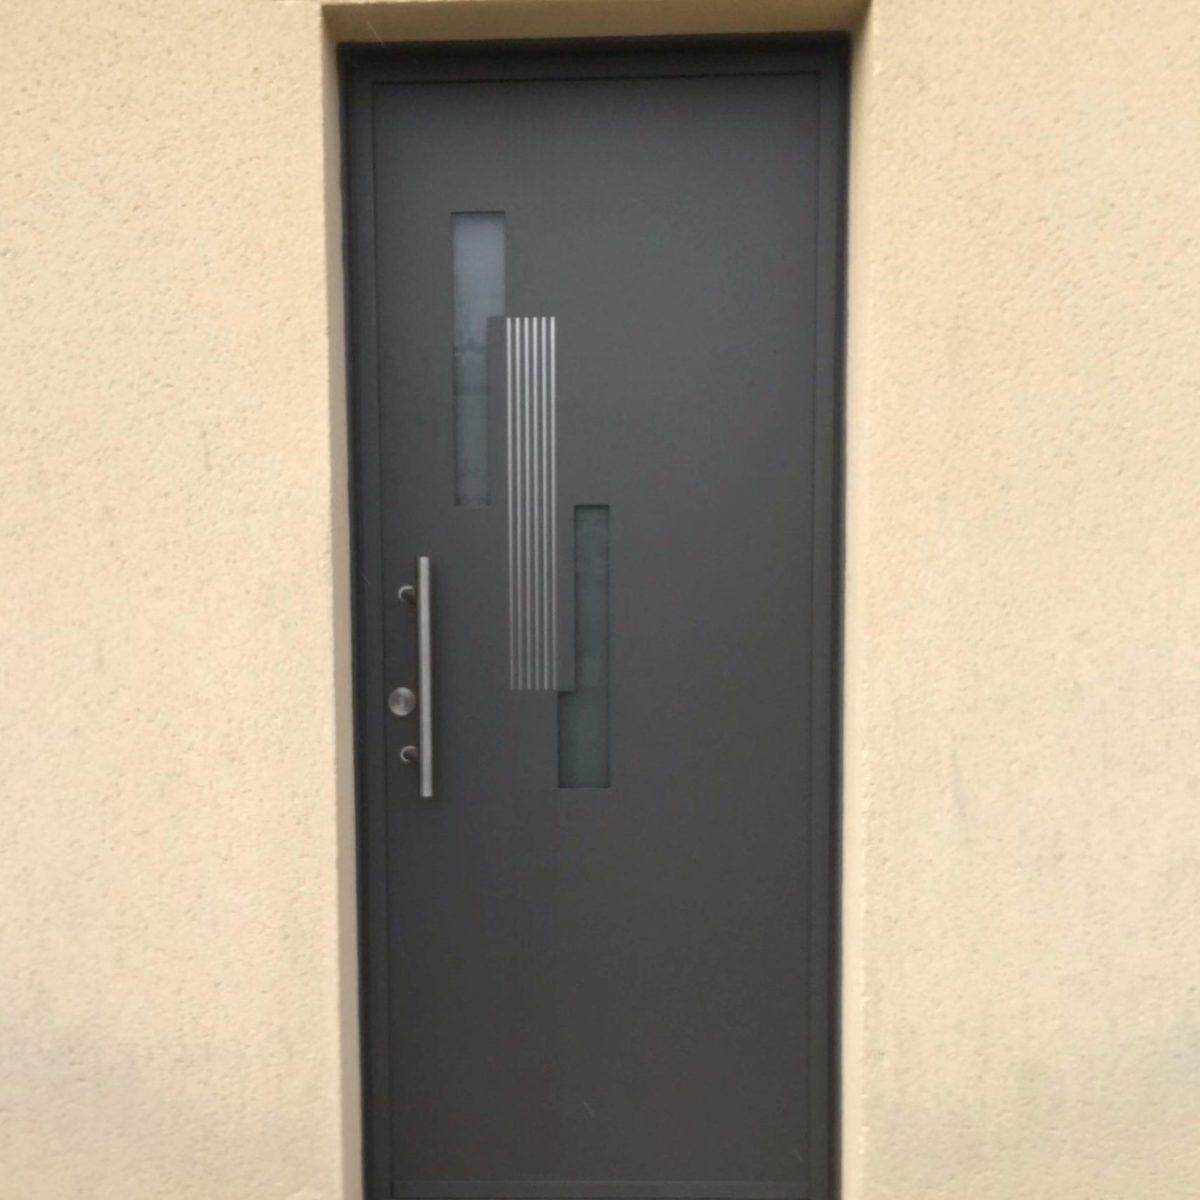 porte d'entrée k-line jazzy